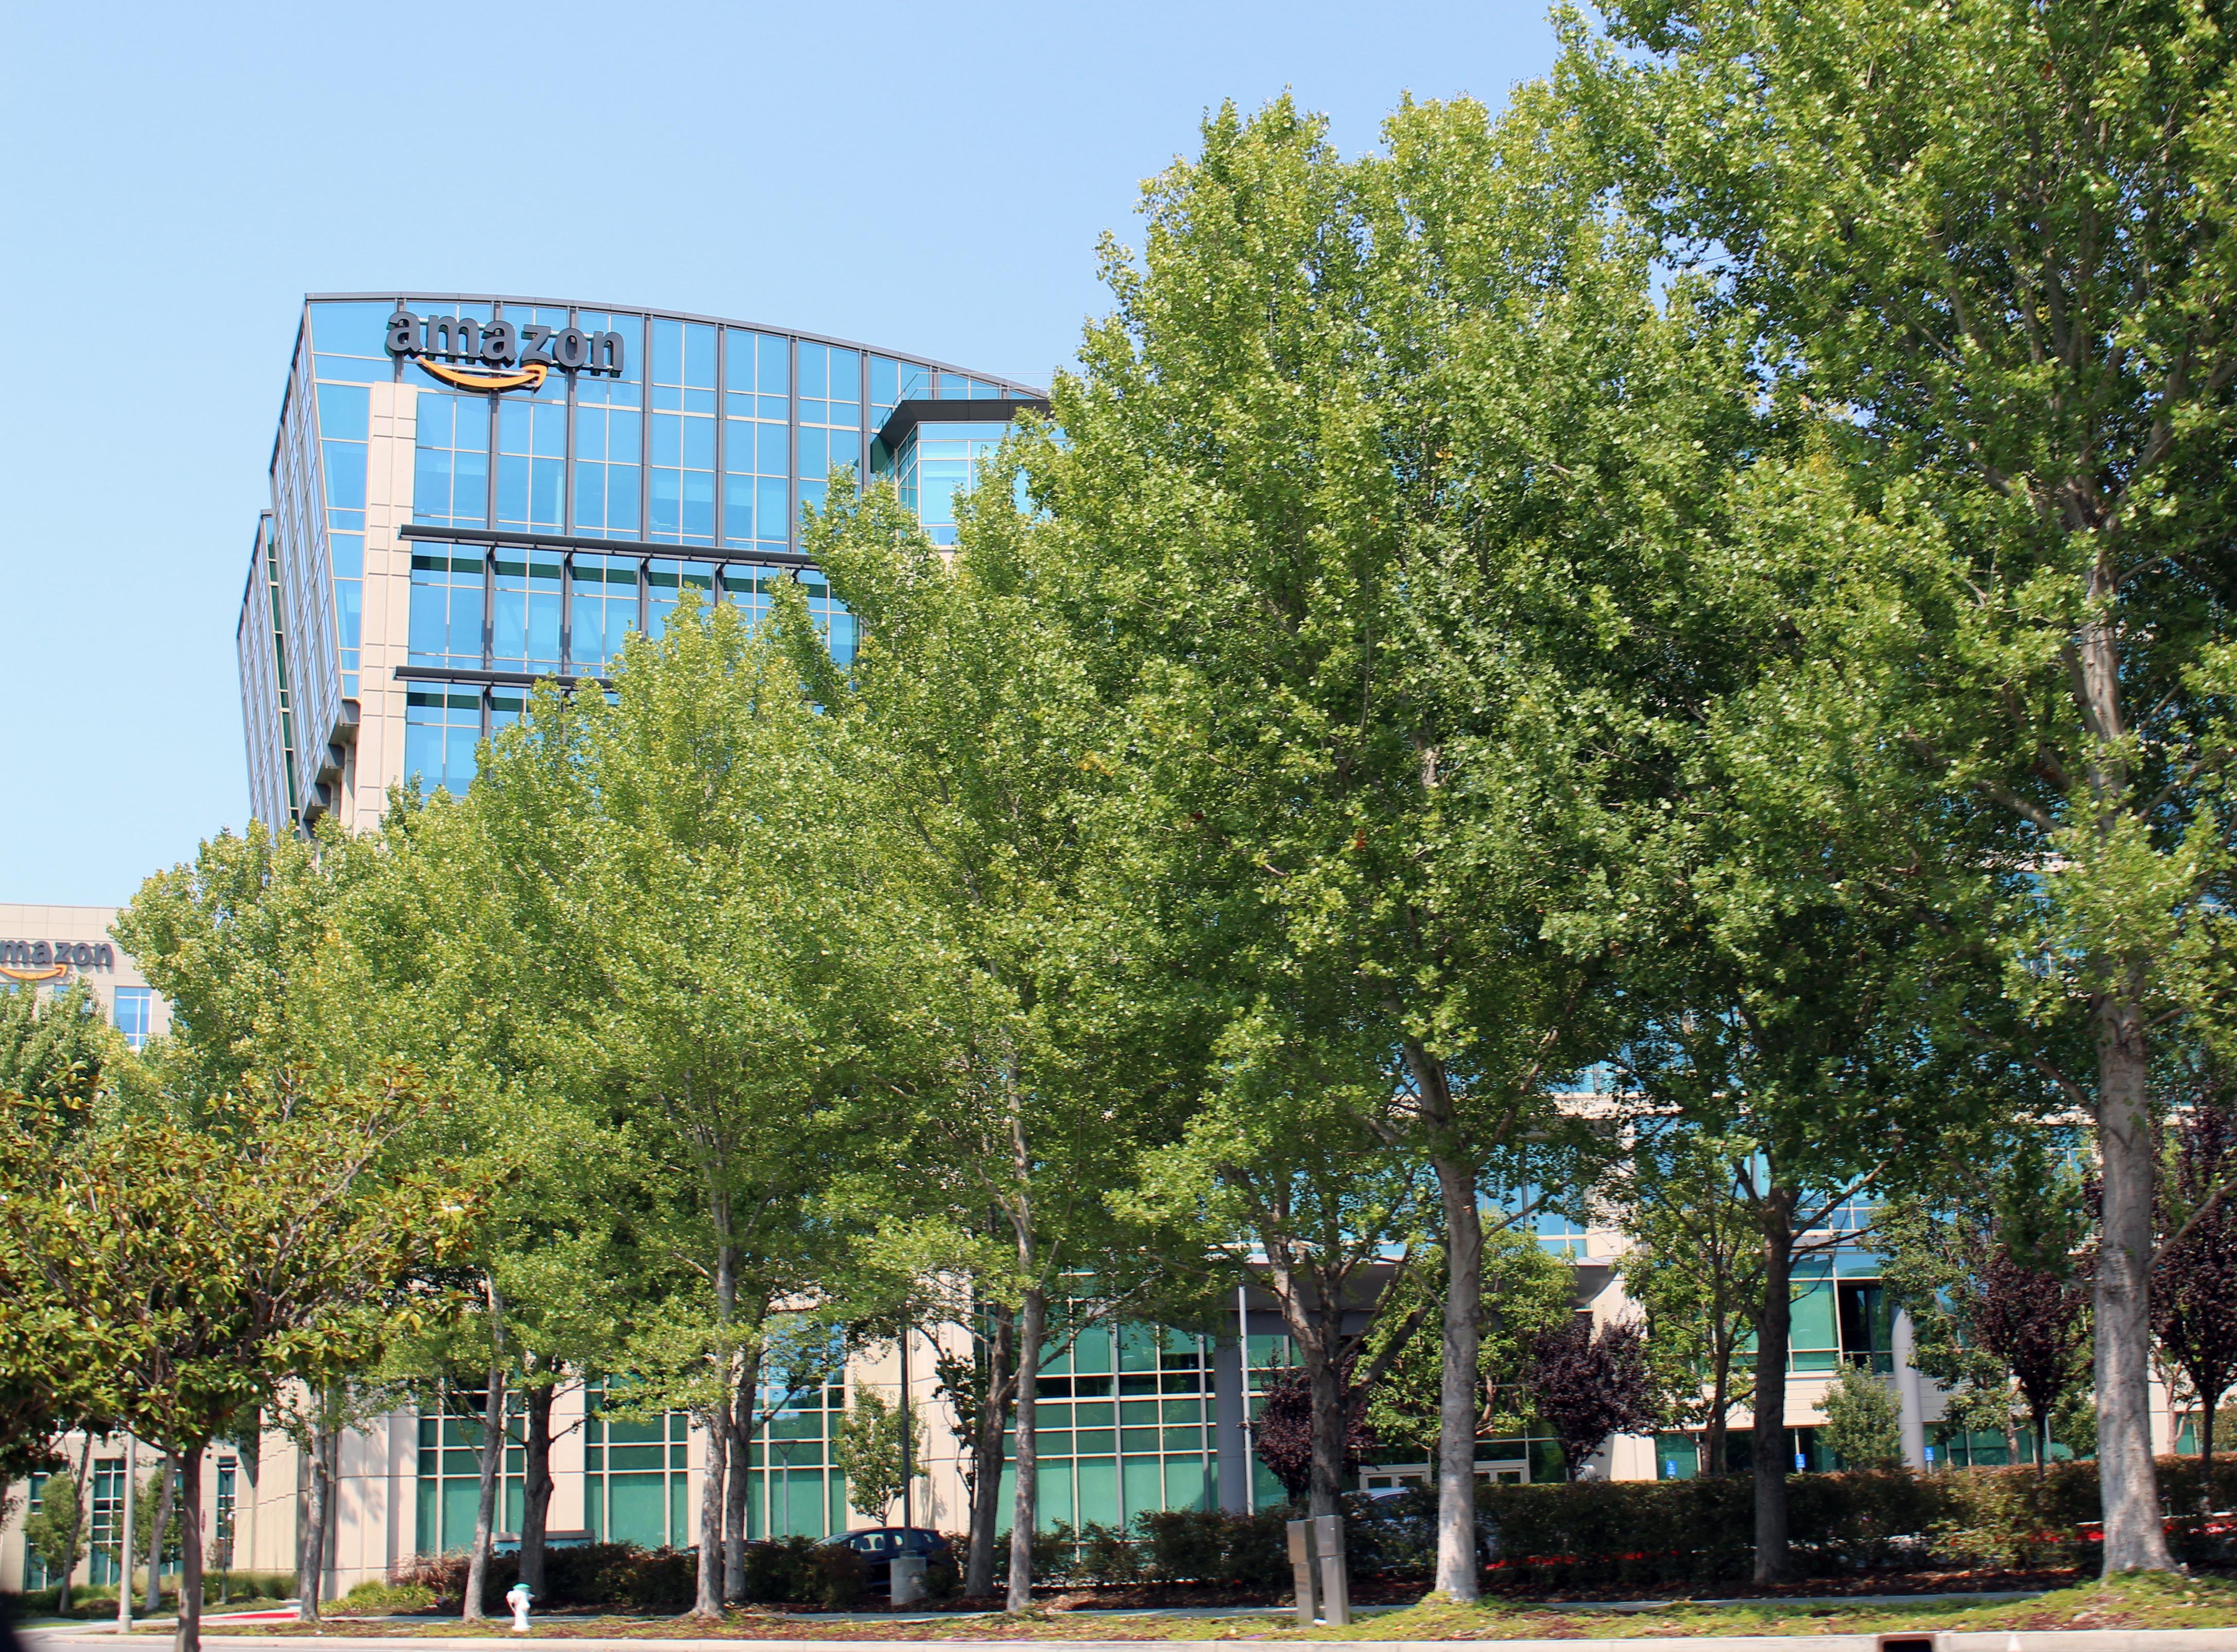 Amazon Lab126 Headquarters